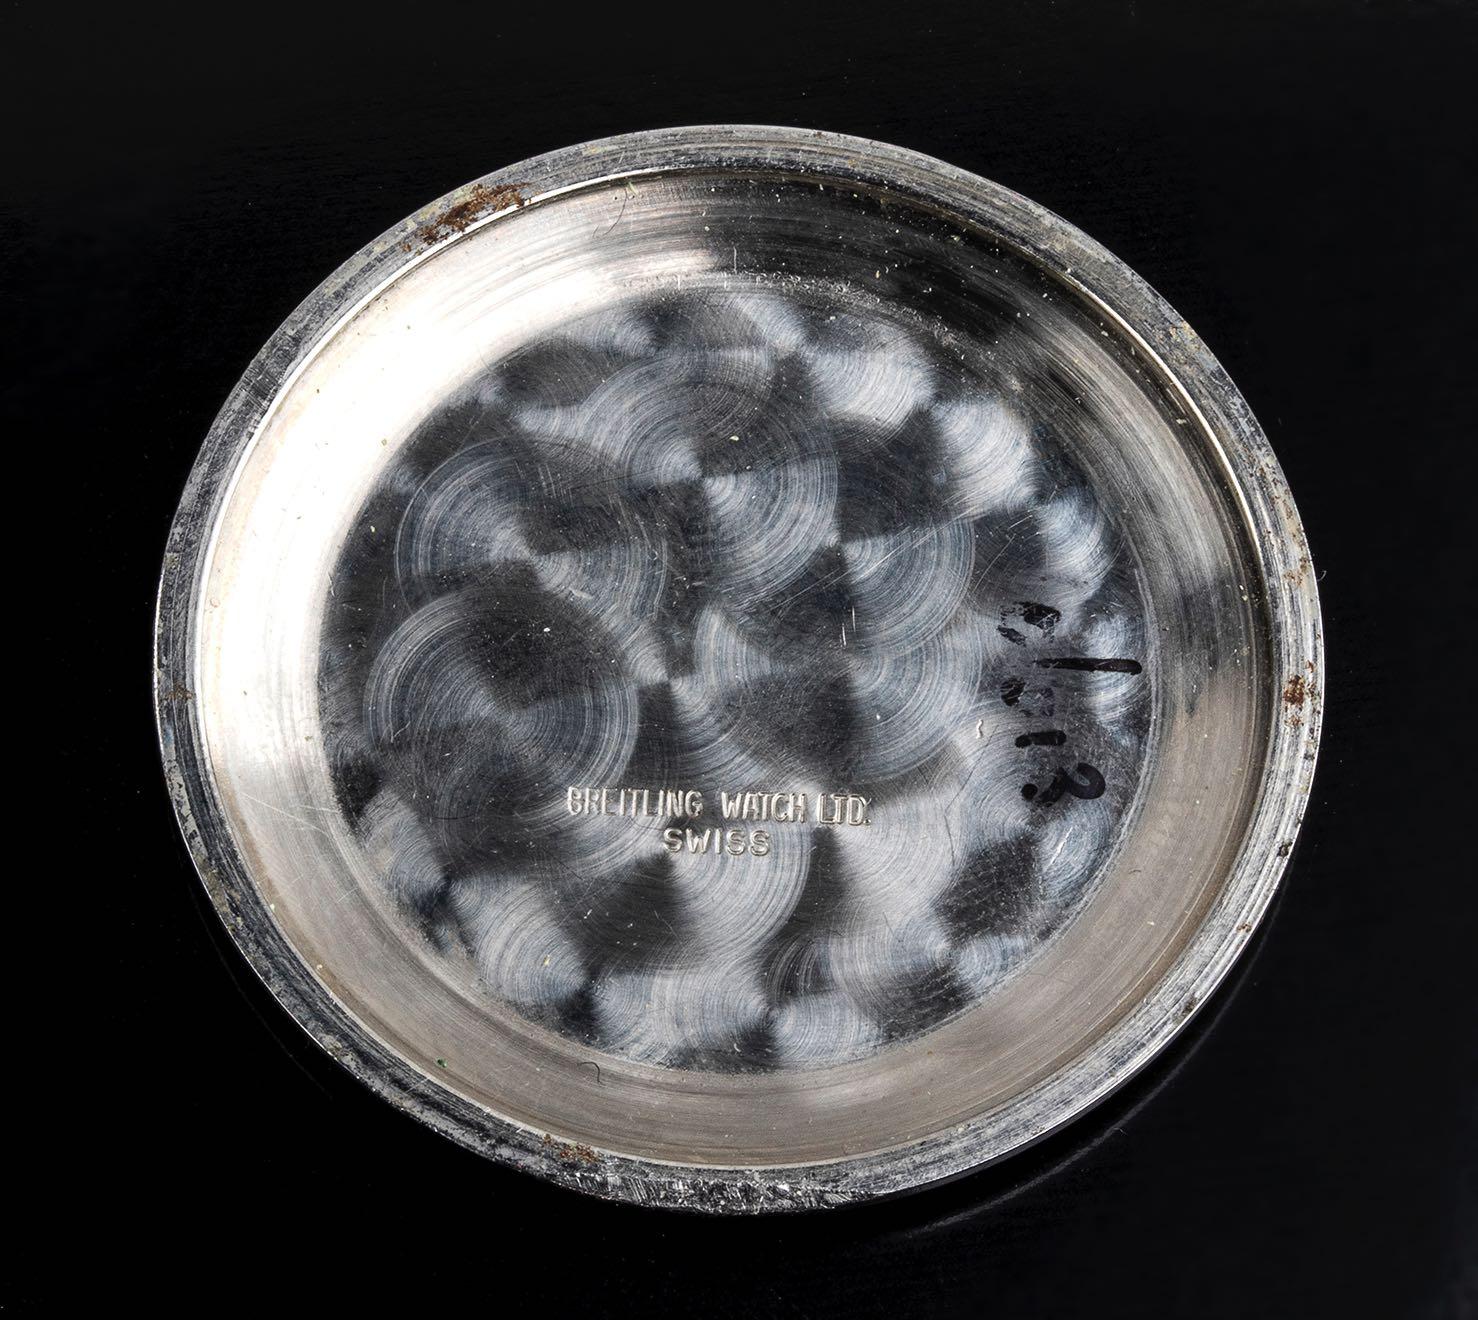 Breitling chrono Navitimer ref 806 1960's - Image 4 of 4